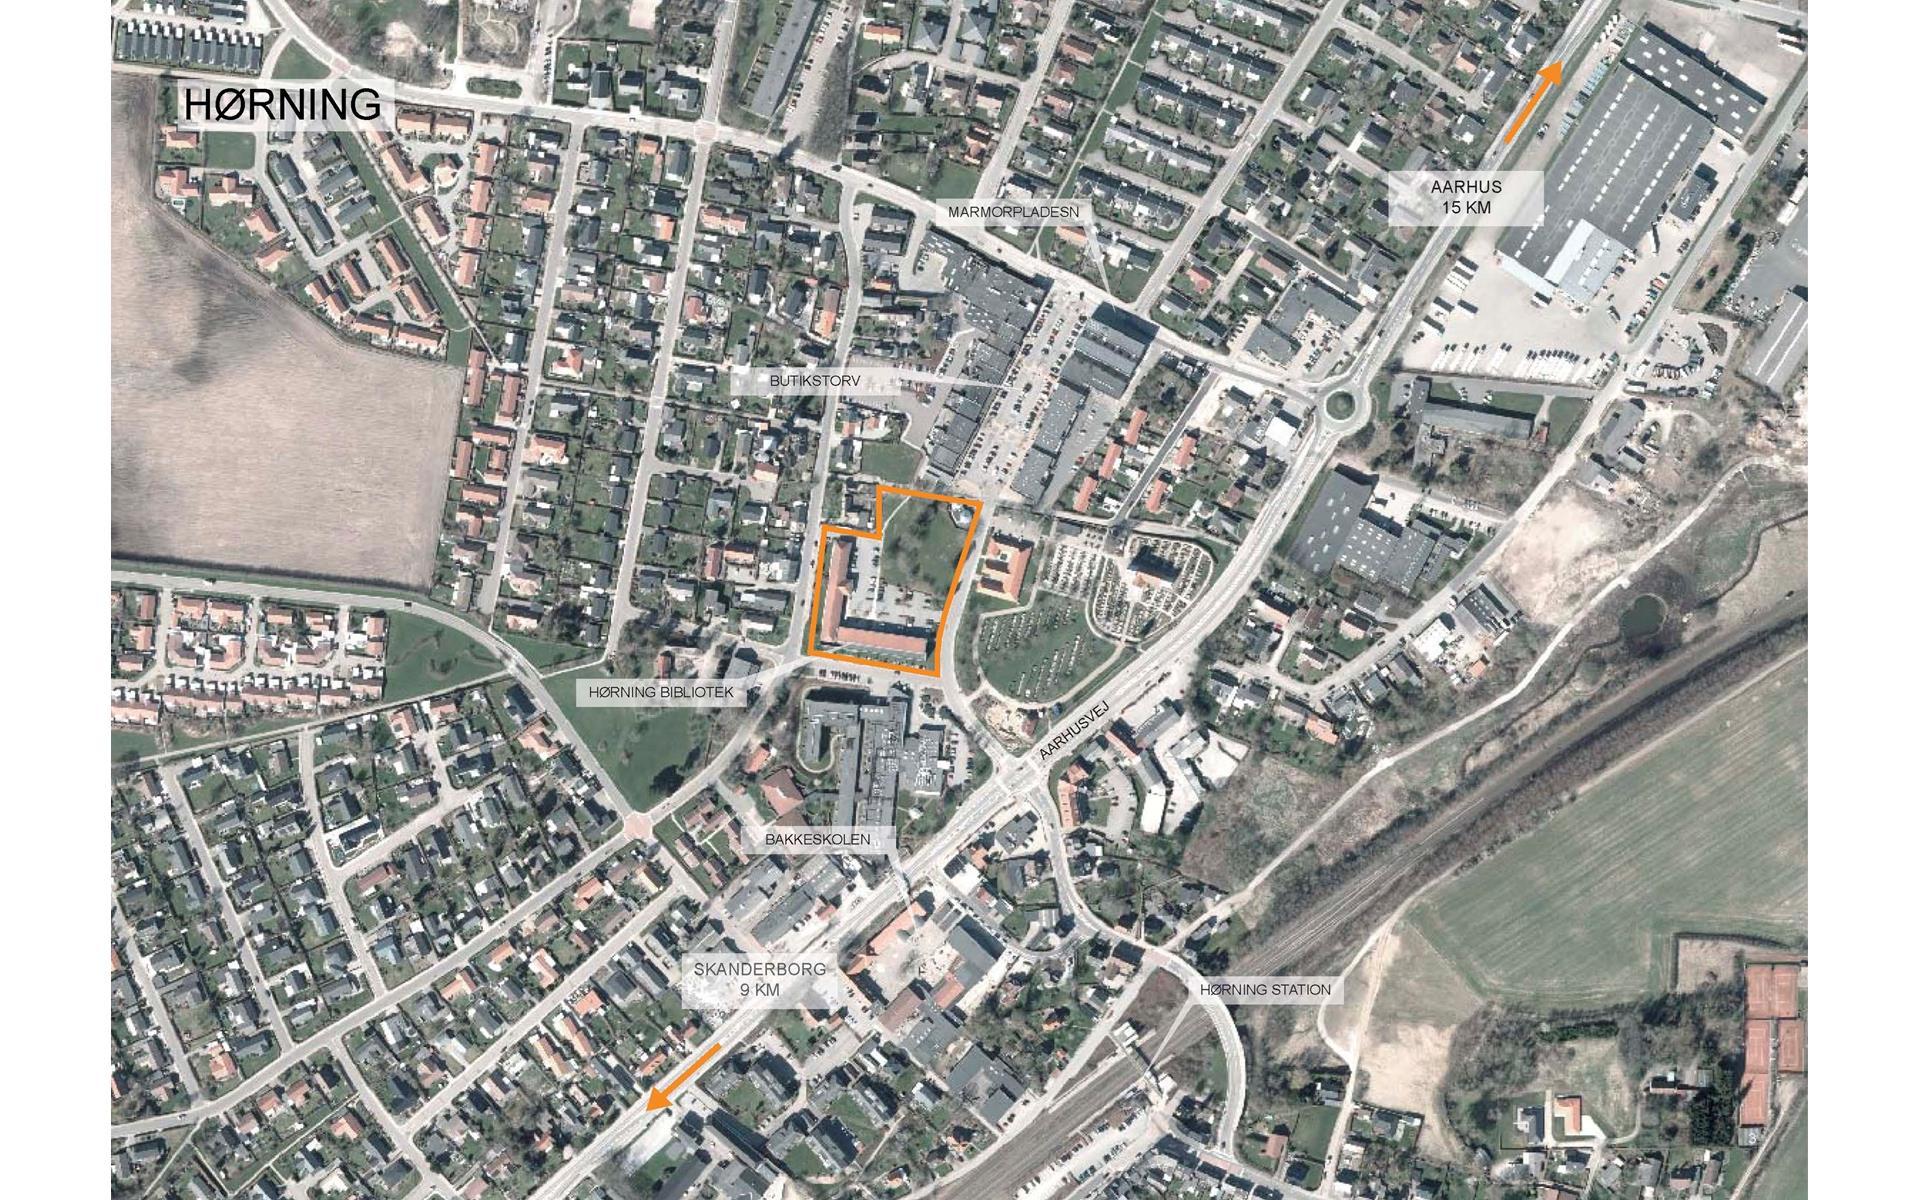 Radhuspladsen 5 8362 Horning Ejendomme 2019 2 3 Nybolig